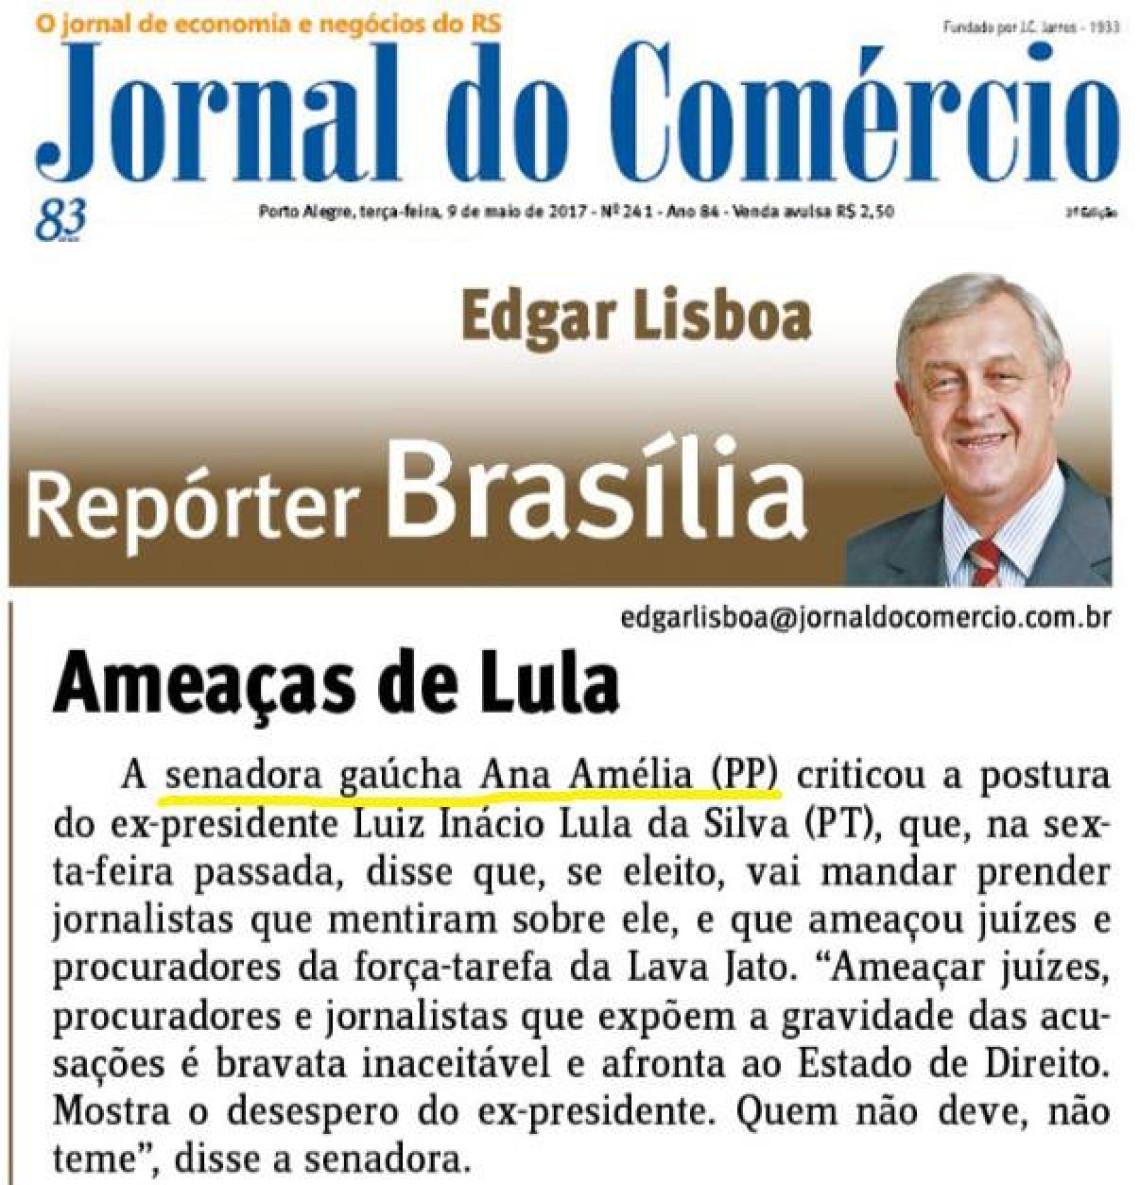 Jornal do Comércio: Edgar Lisboa - Ameaças de Lula